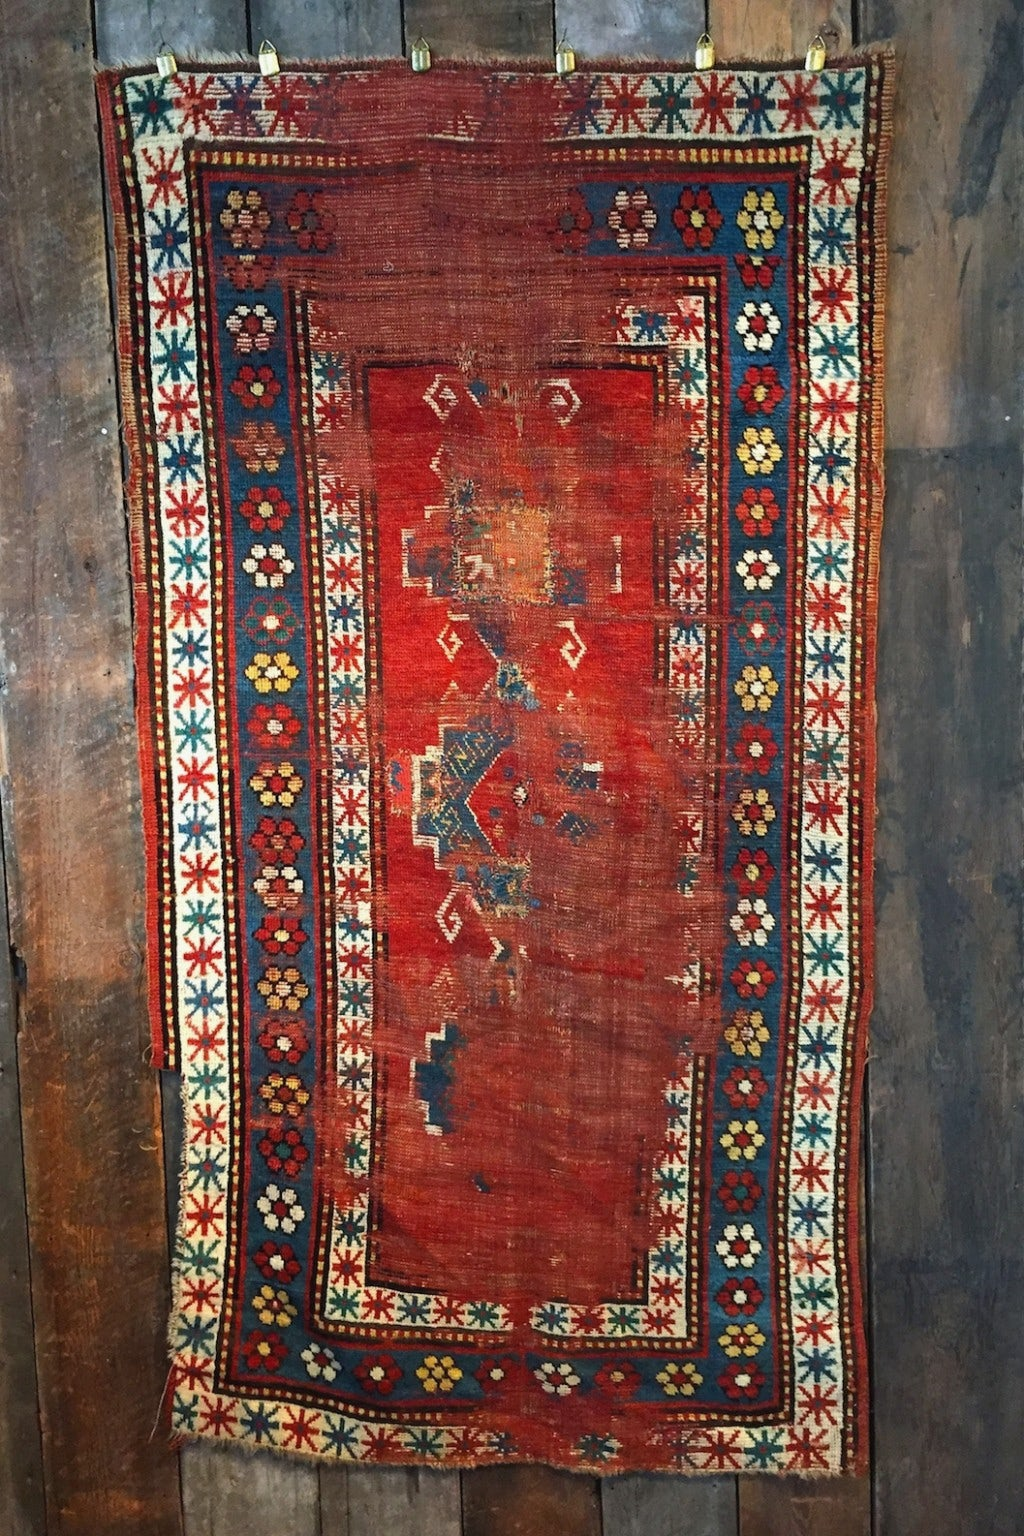 Independence Vintage Goods 1880-1900 Kazak Rug Vintage